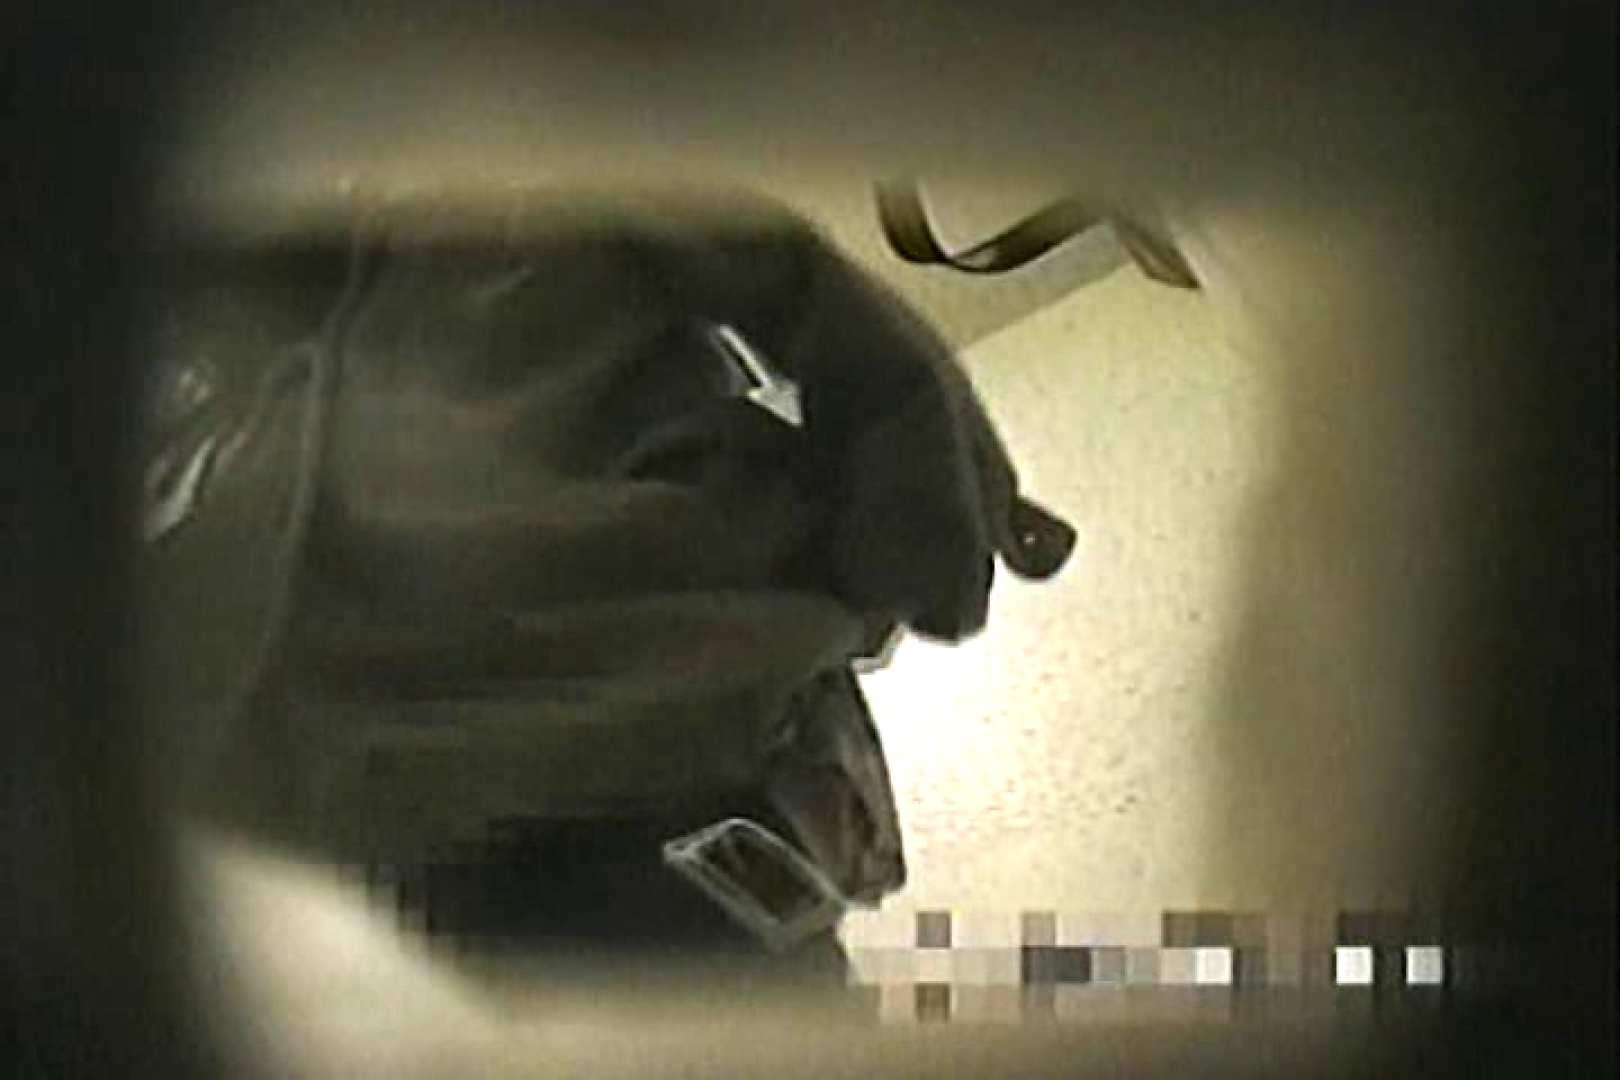 女子洗面所盗撮 今度の2カメは若い子だらけ  TK-127 洗面所 | おまんこ無修正  62pic 61